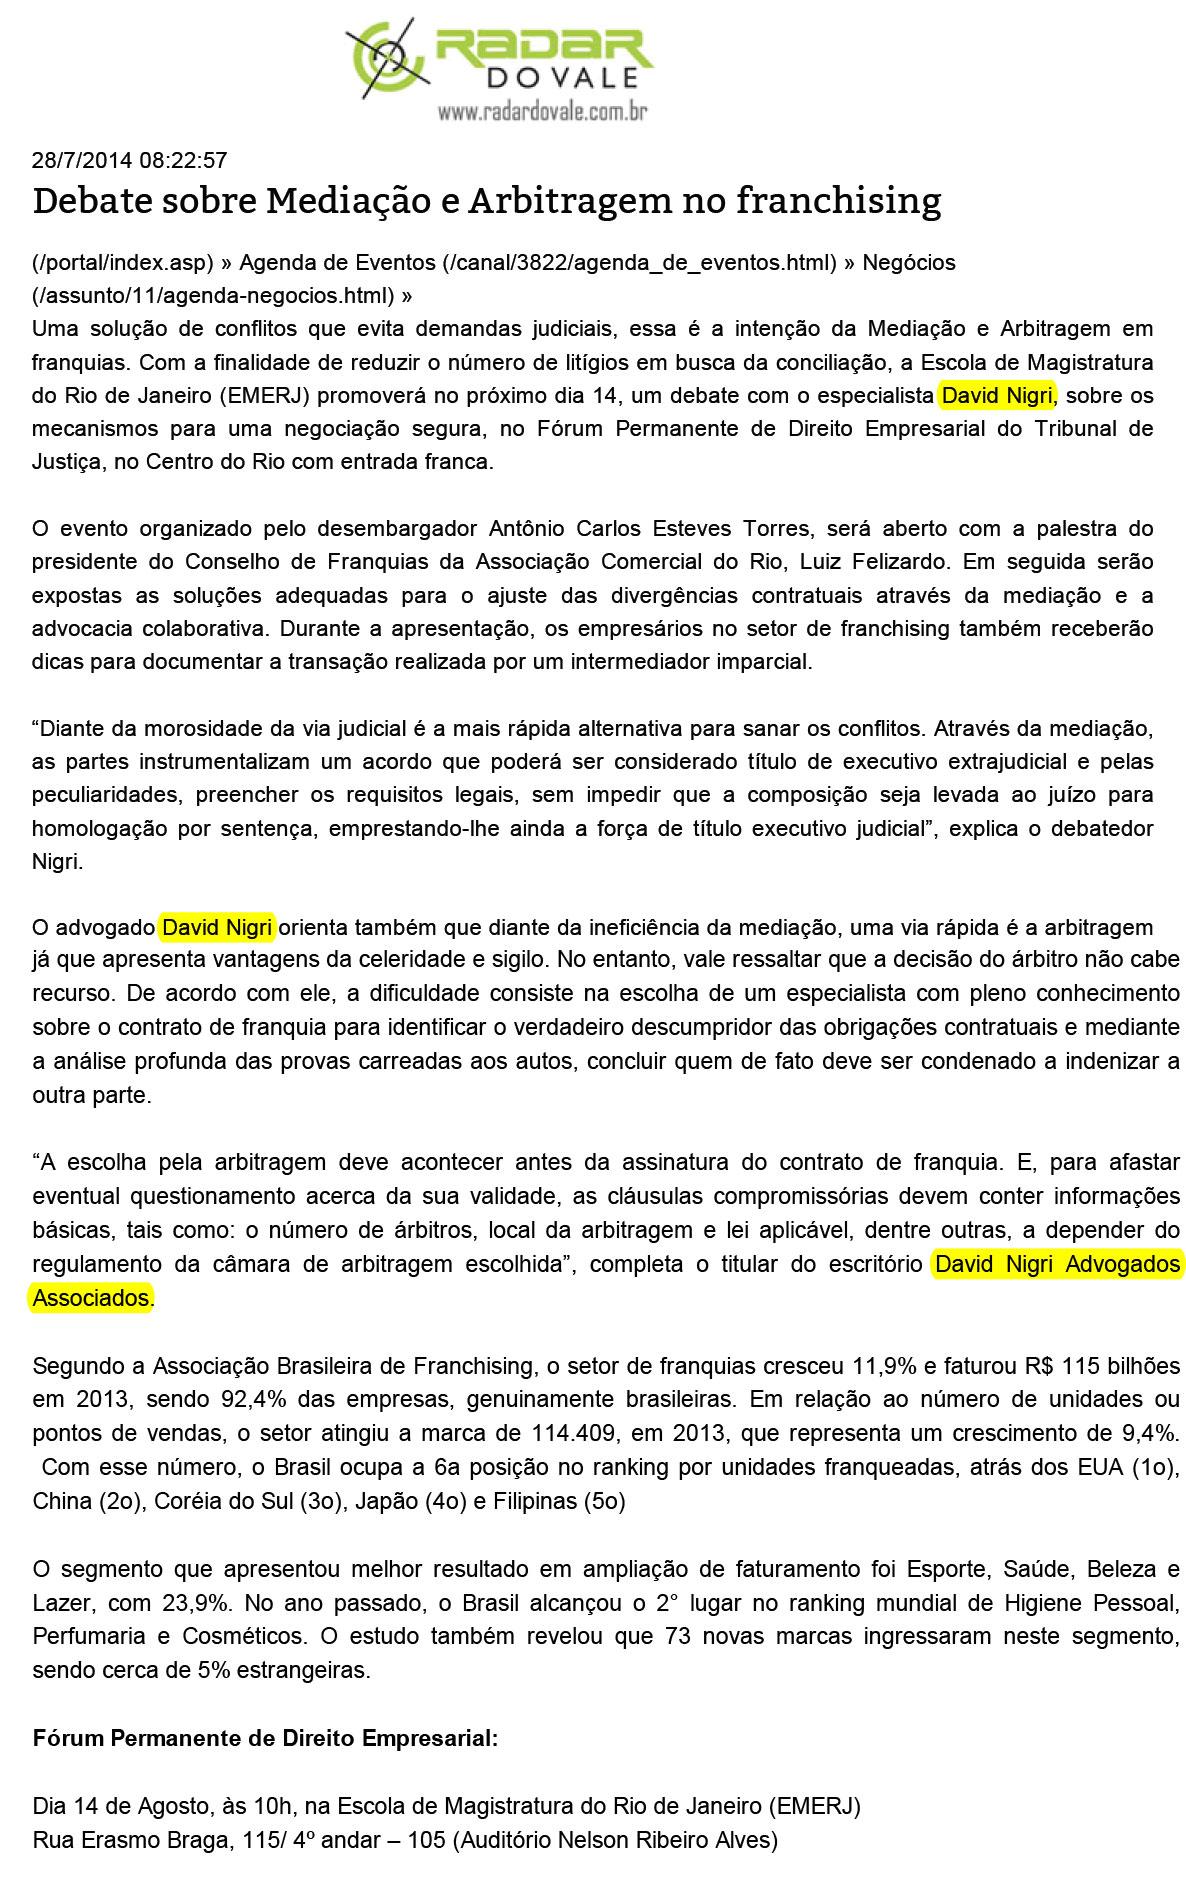 Debate-sobre-Mediacao-e-Arbitragem-no-franchising-RADAR-DO-VALE